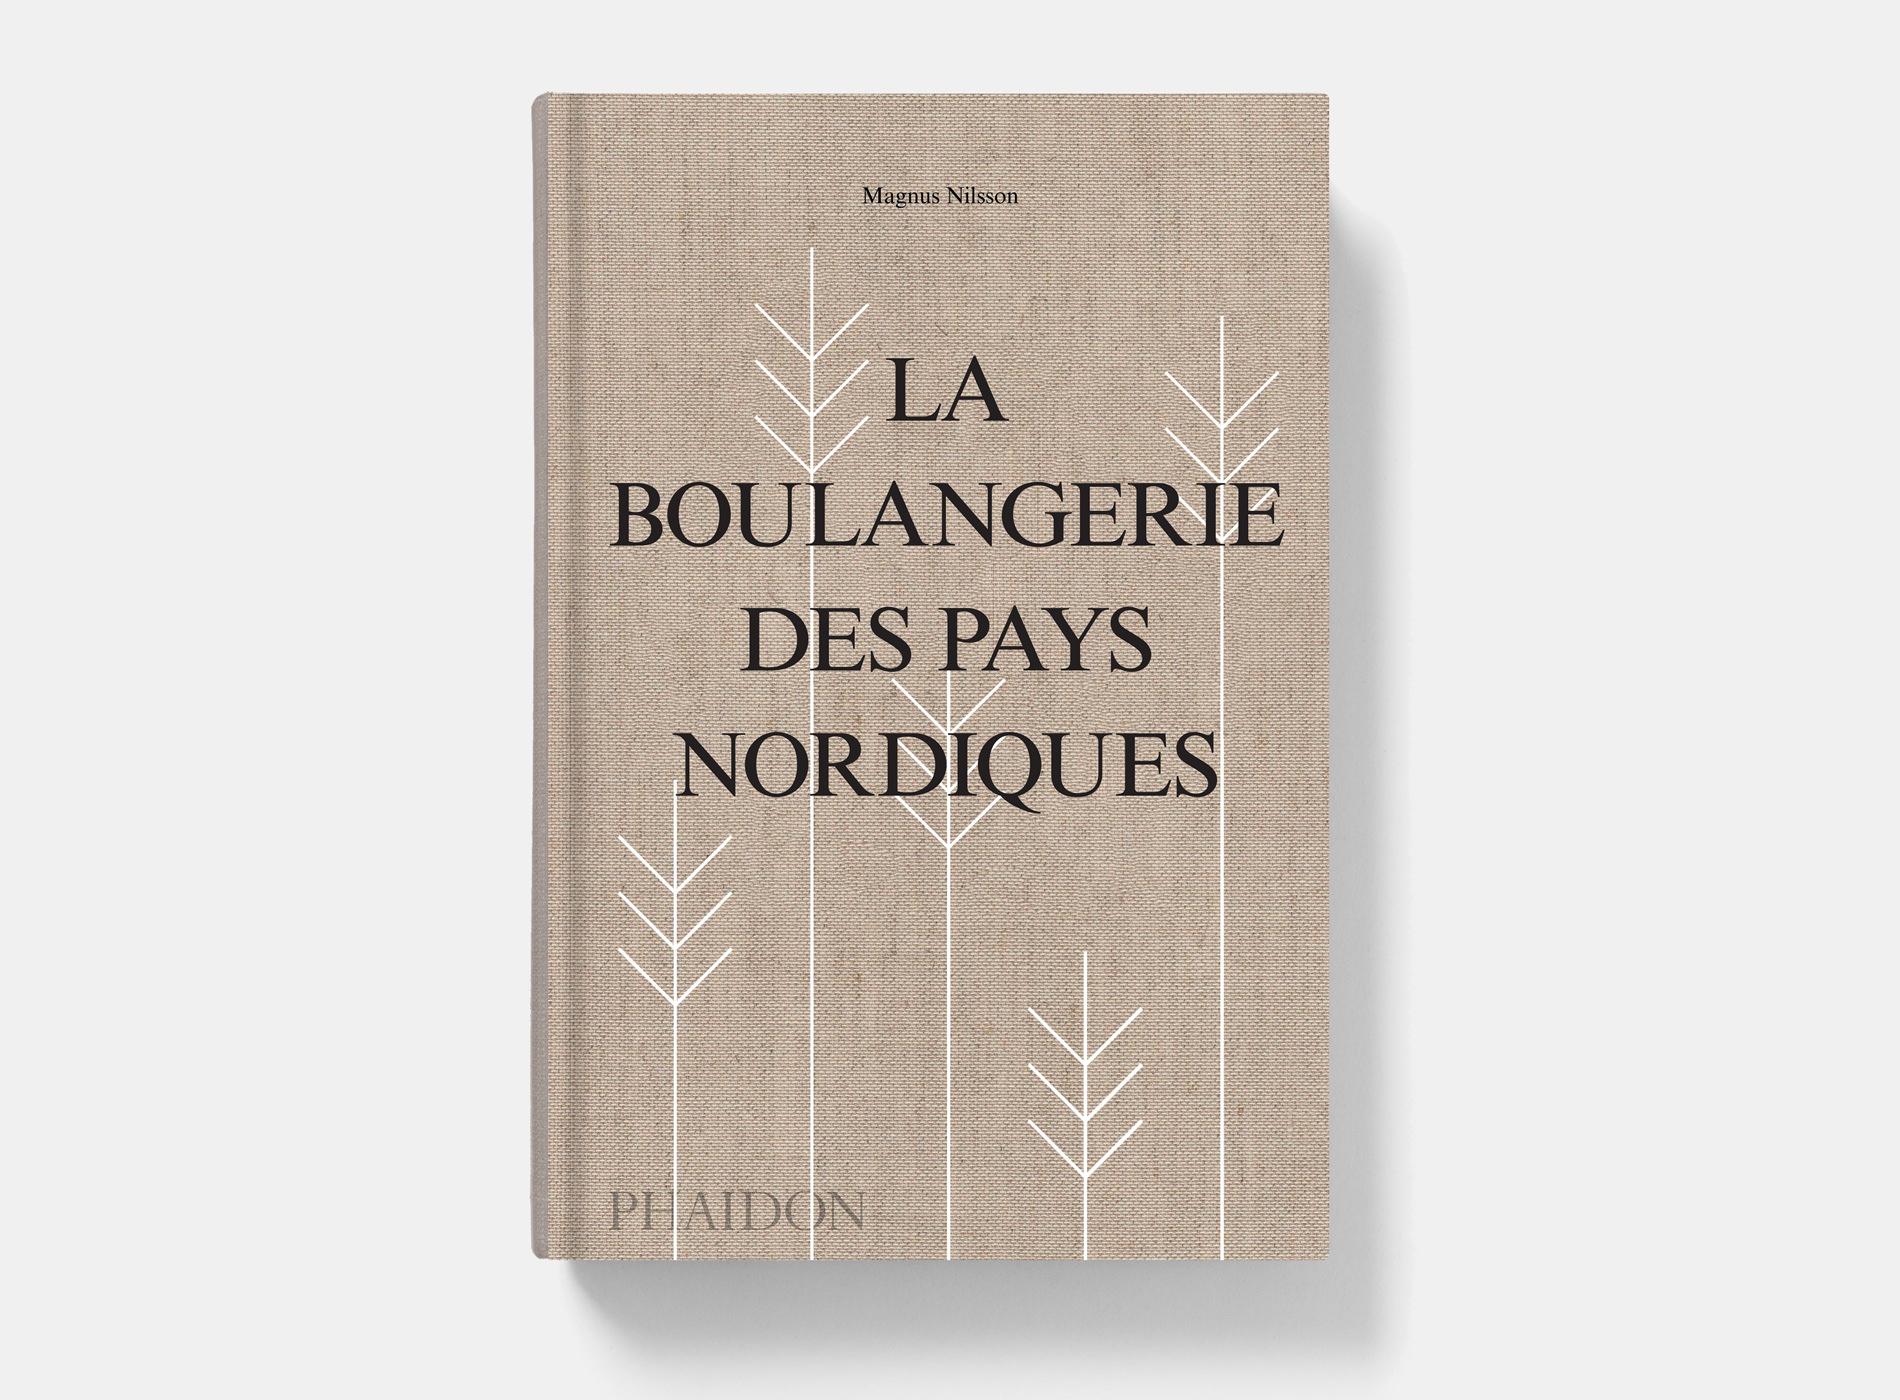 La Boulangerie Des Pays Nordiques Magnus Nilsson Phaidon Couverture